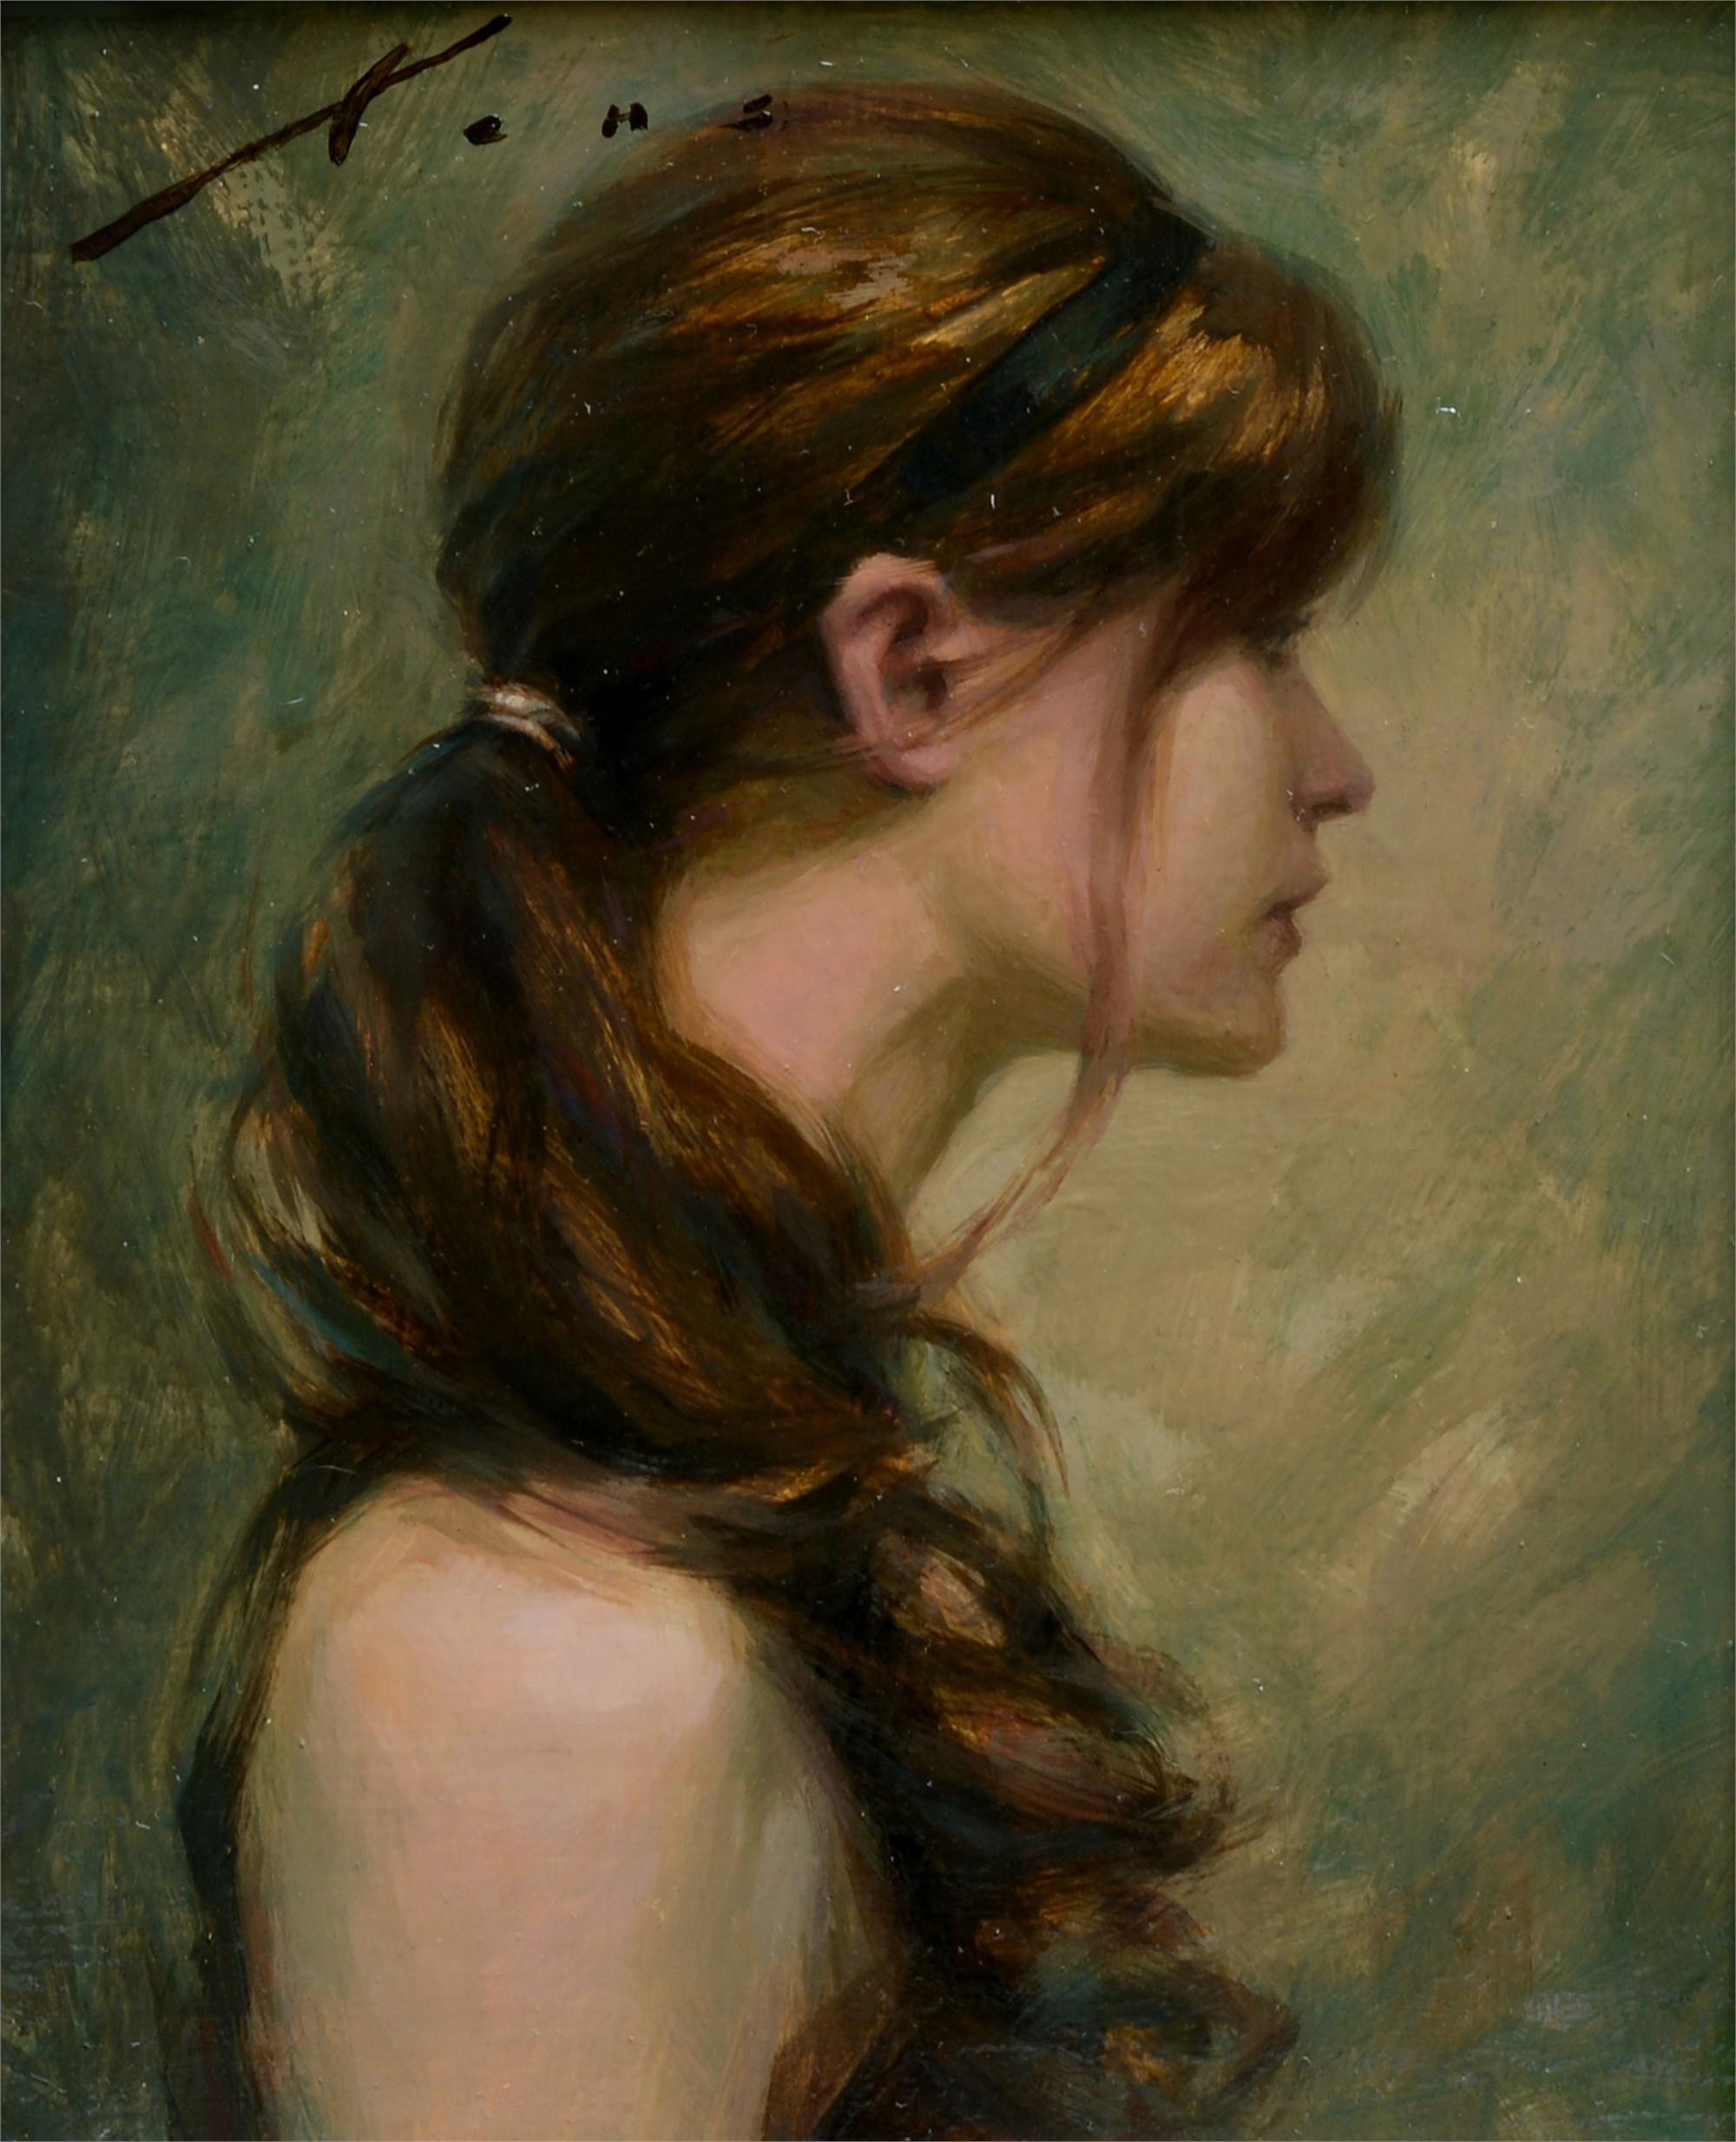 Curls by Vincent Xeus